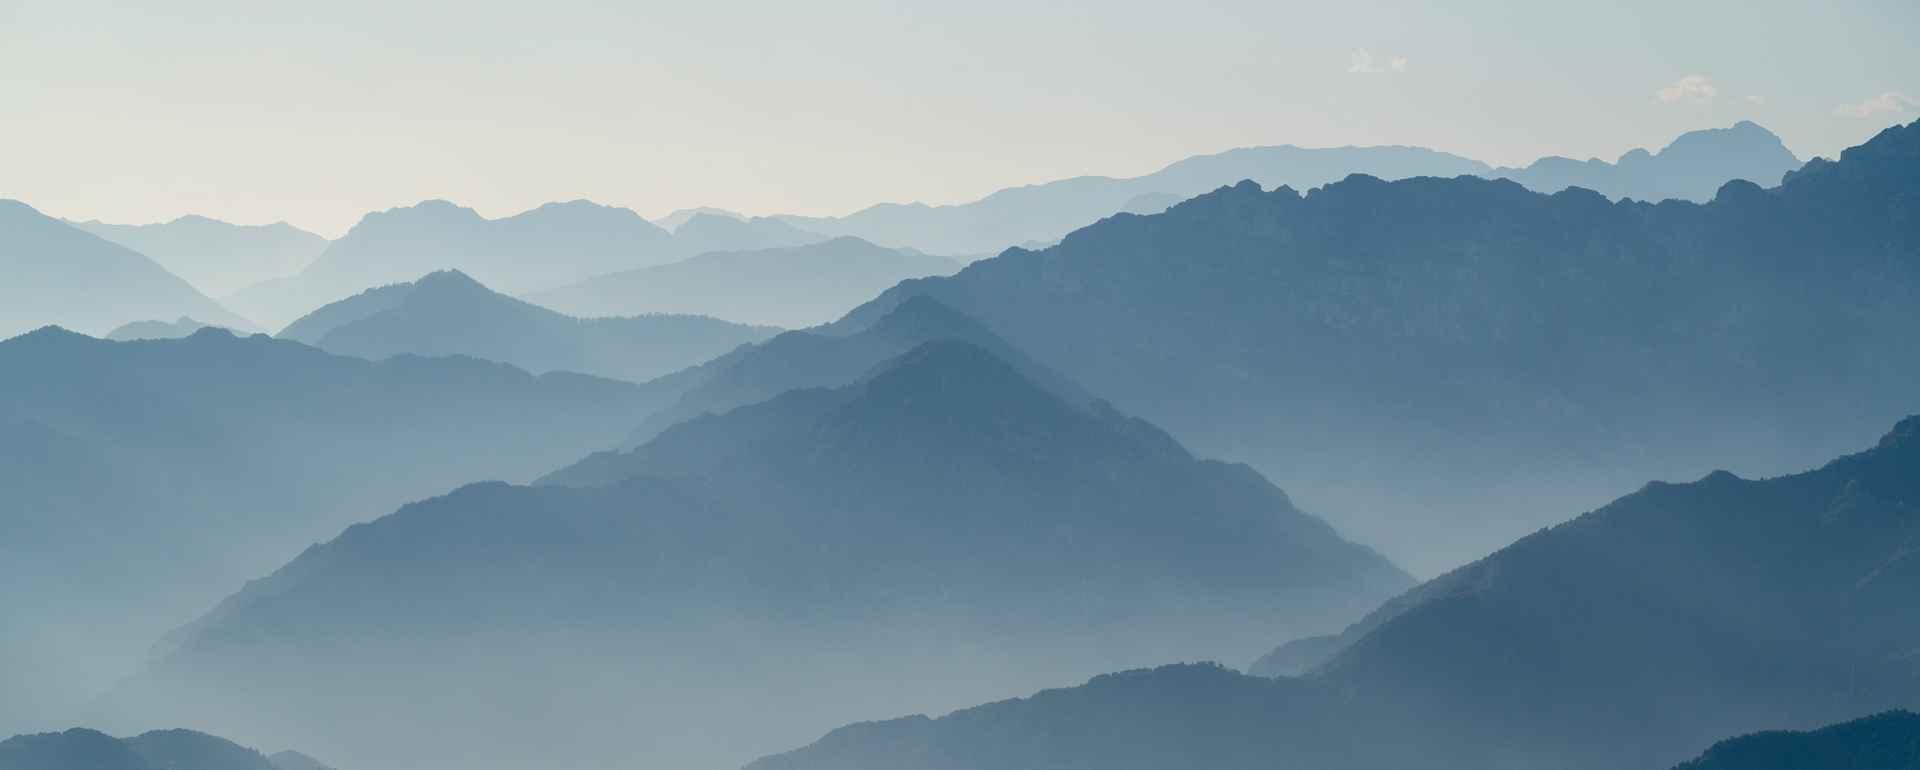 Herbstabend am Gardasee vom Mt. Altissimo aus, Gardasee, Trentino, Italien.